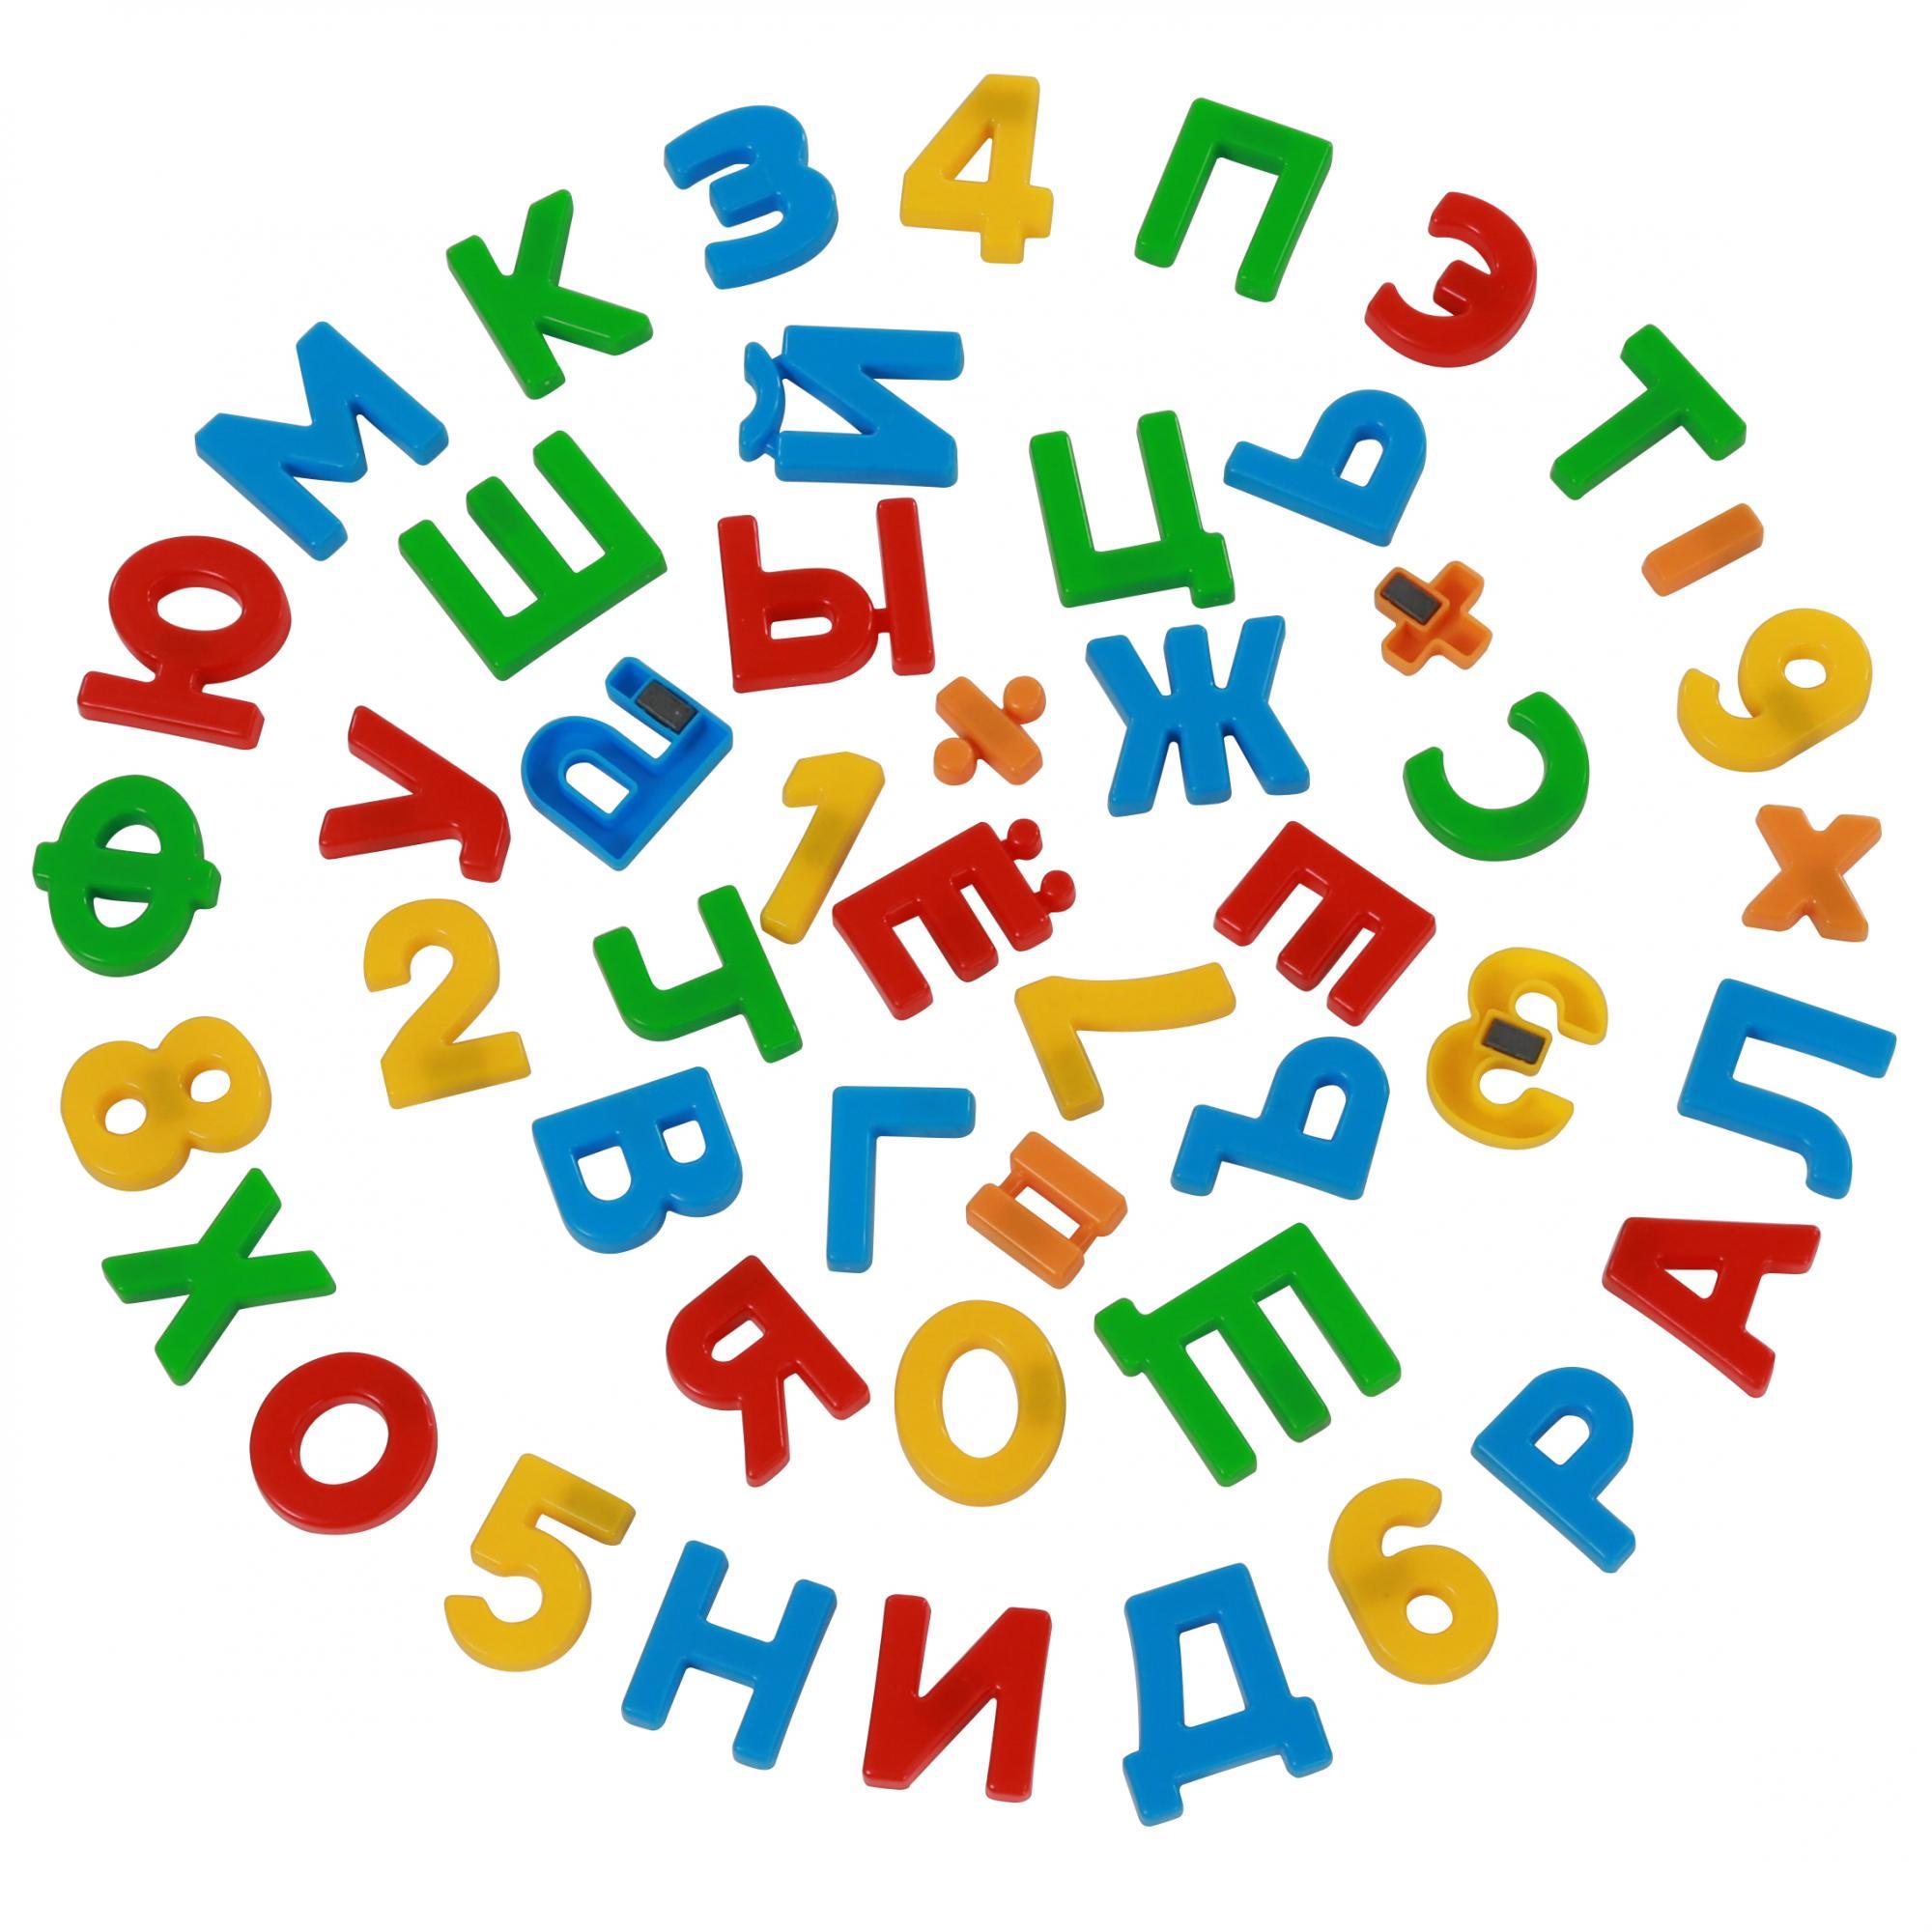 картинки алфавита и цифр стали родителями